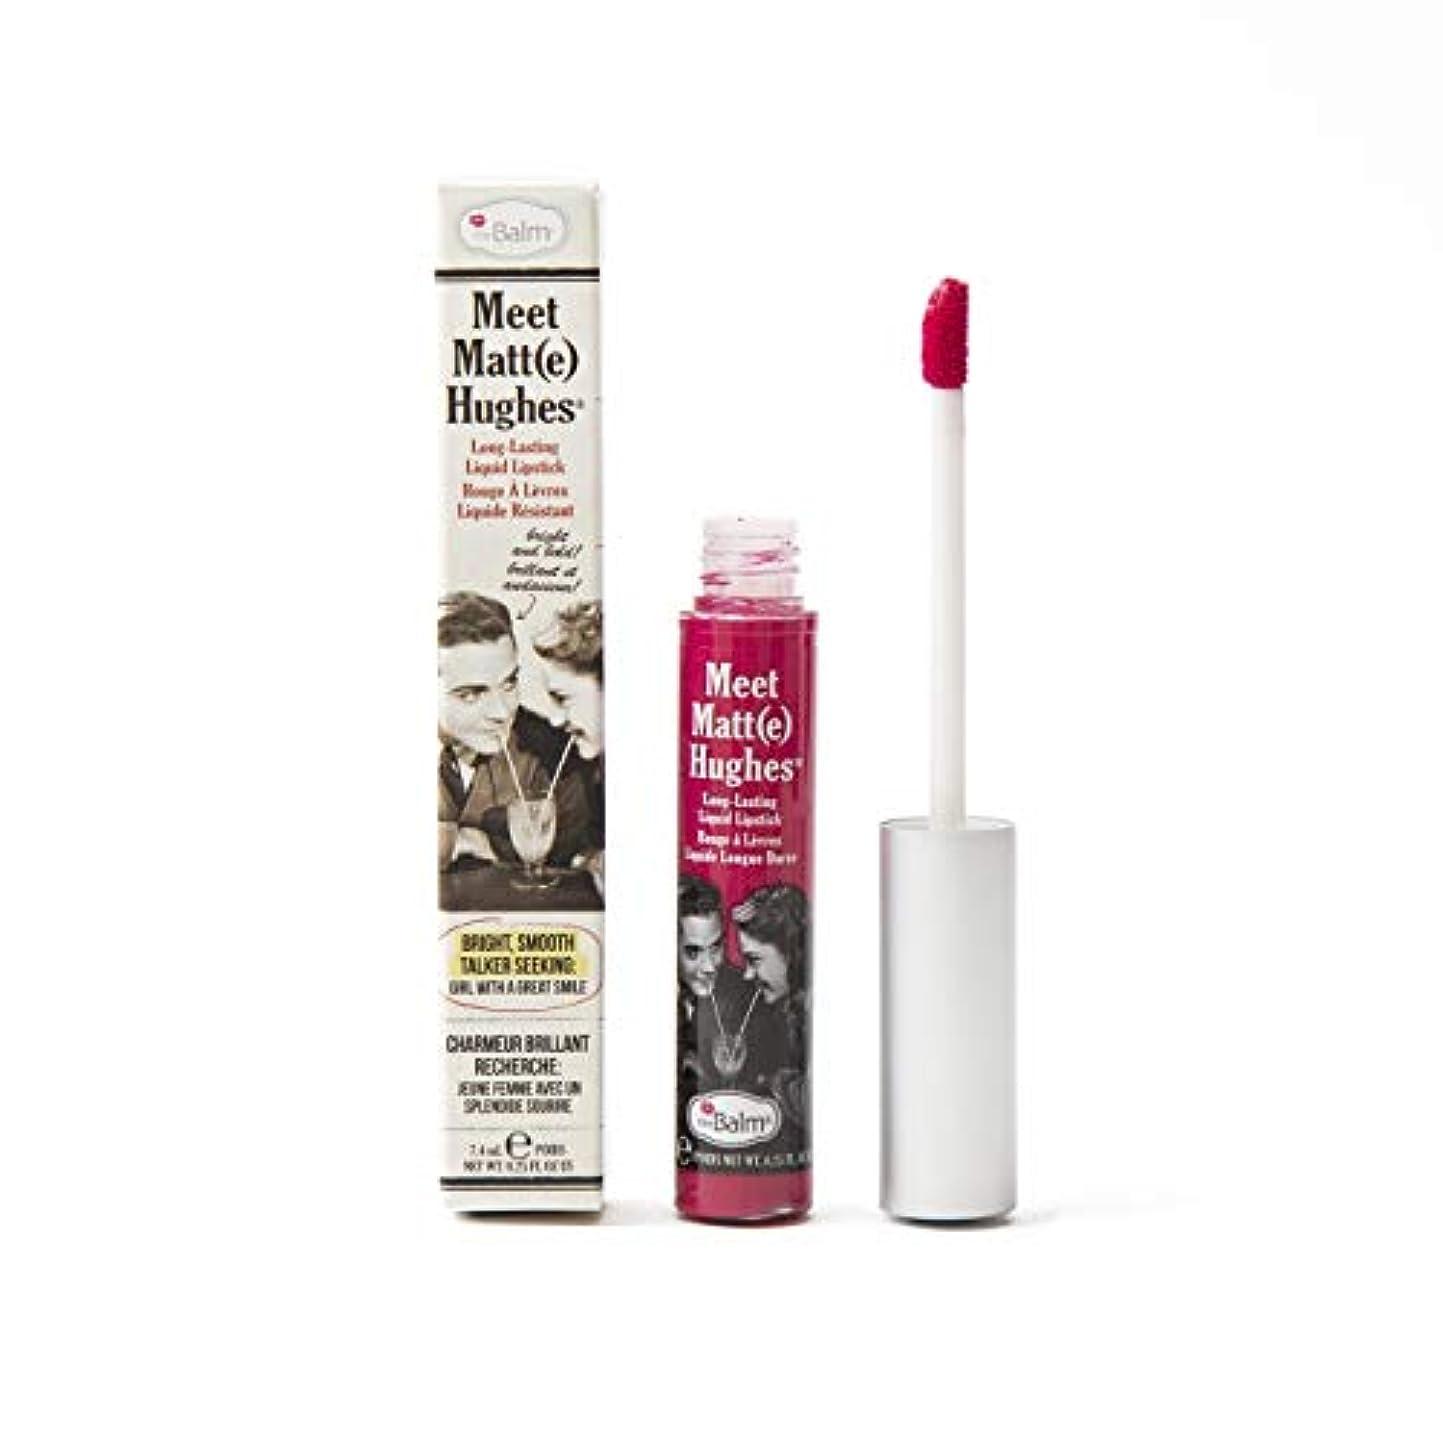 ポーチチャンピオンシップ結核ザバーム Meet Matte Hughes Long Lasting Liquid Lipstick - Sentimental 7.4ml/0.25oz並行輸入品